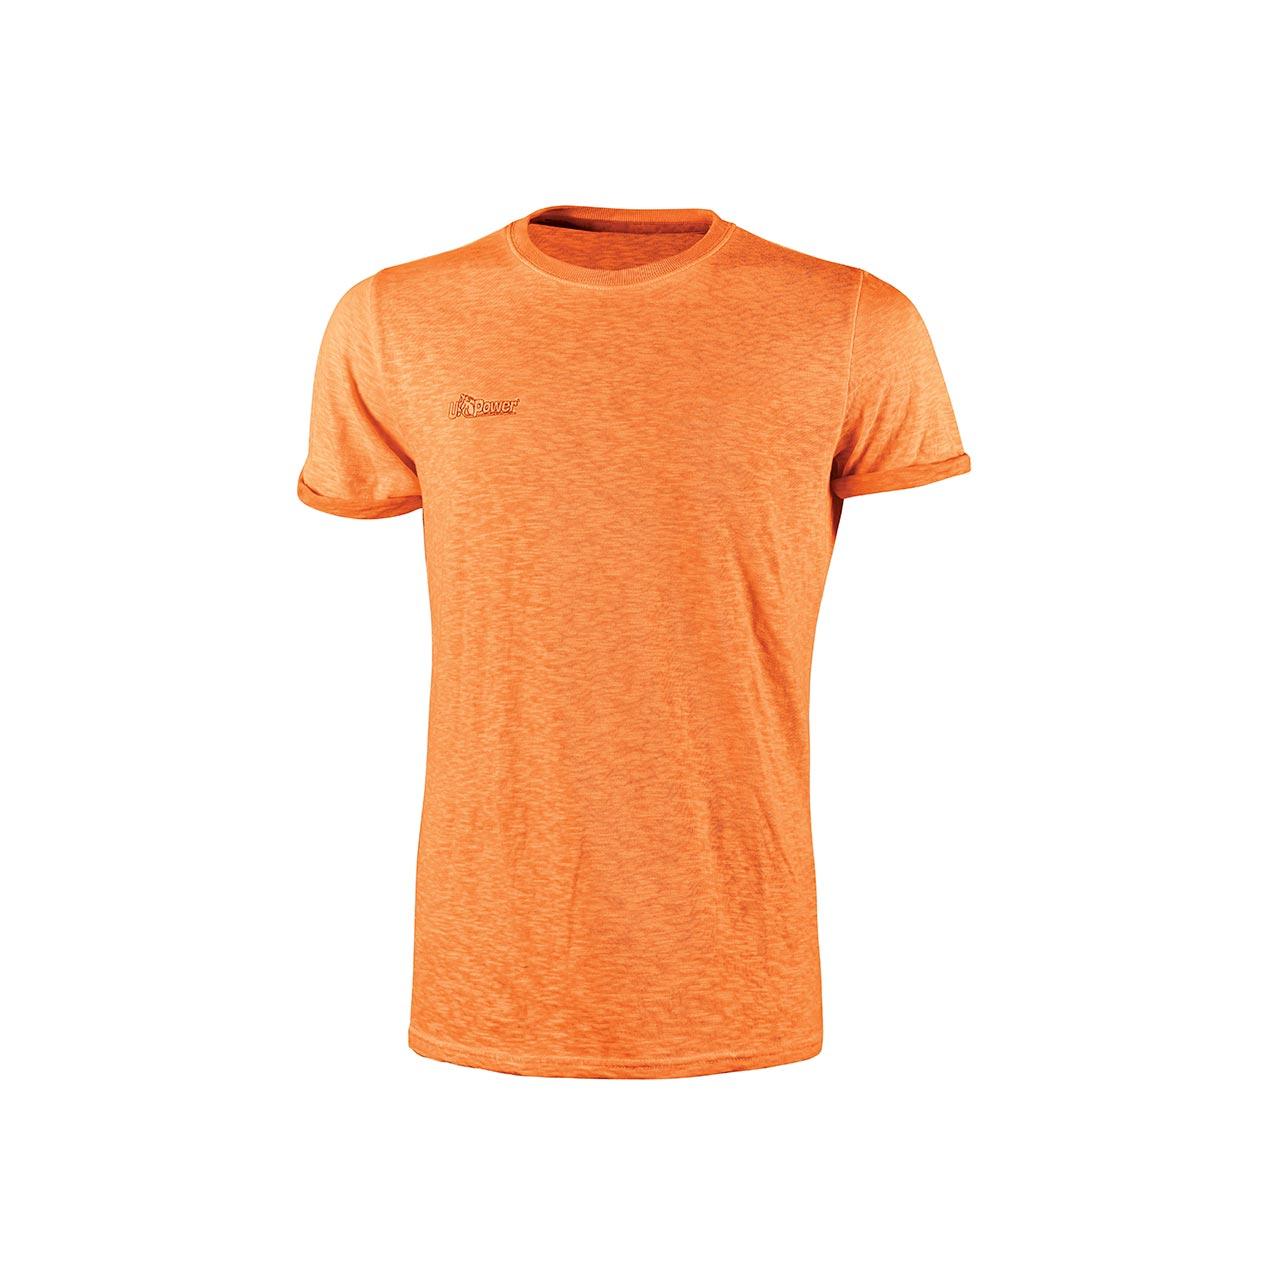 Tshirt da lavoro upower modello fluo colore orange fluo prodotto